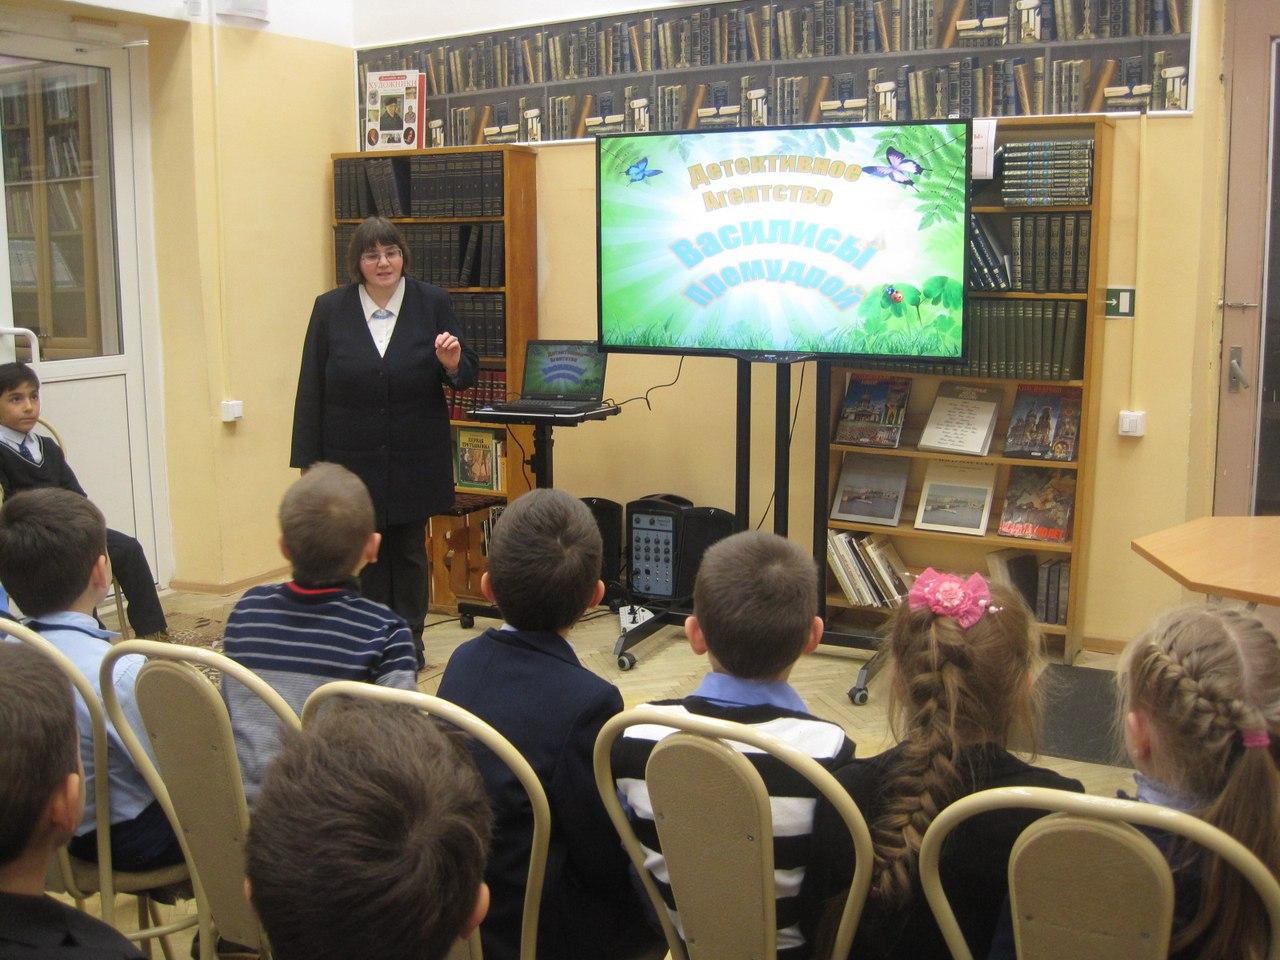 """25. Детская библиотека """"Остров сокровищ"""". Фото: Marie Marin vk.com/club65341890"""